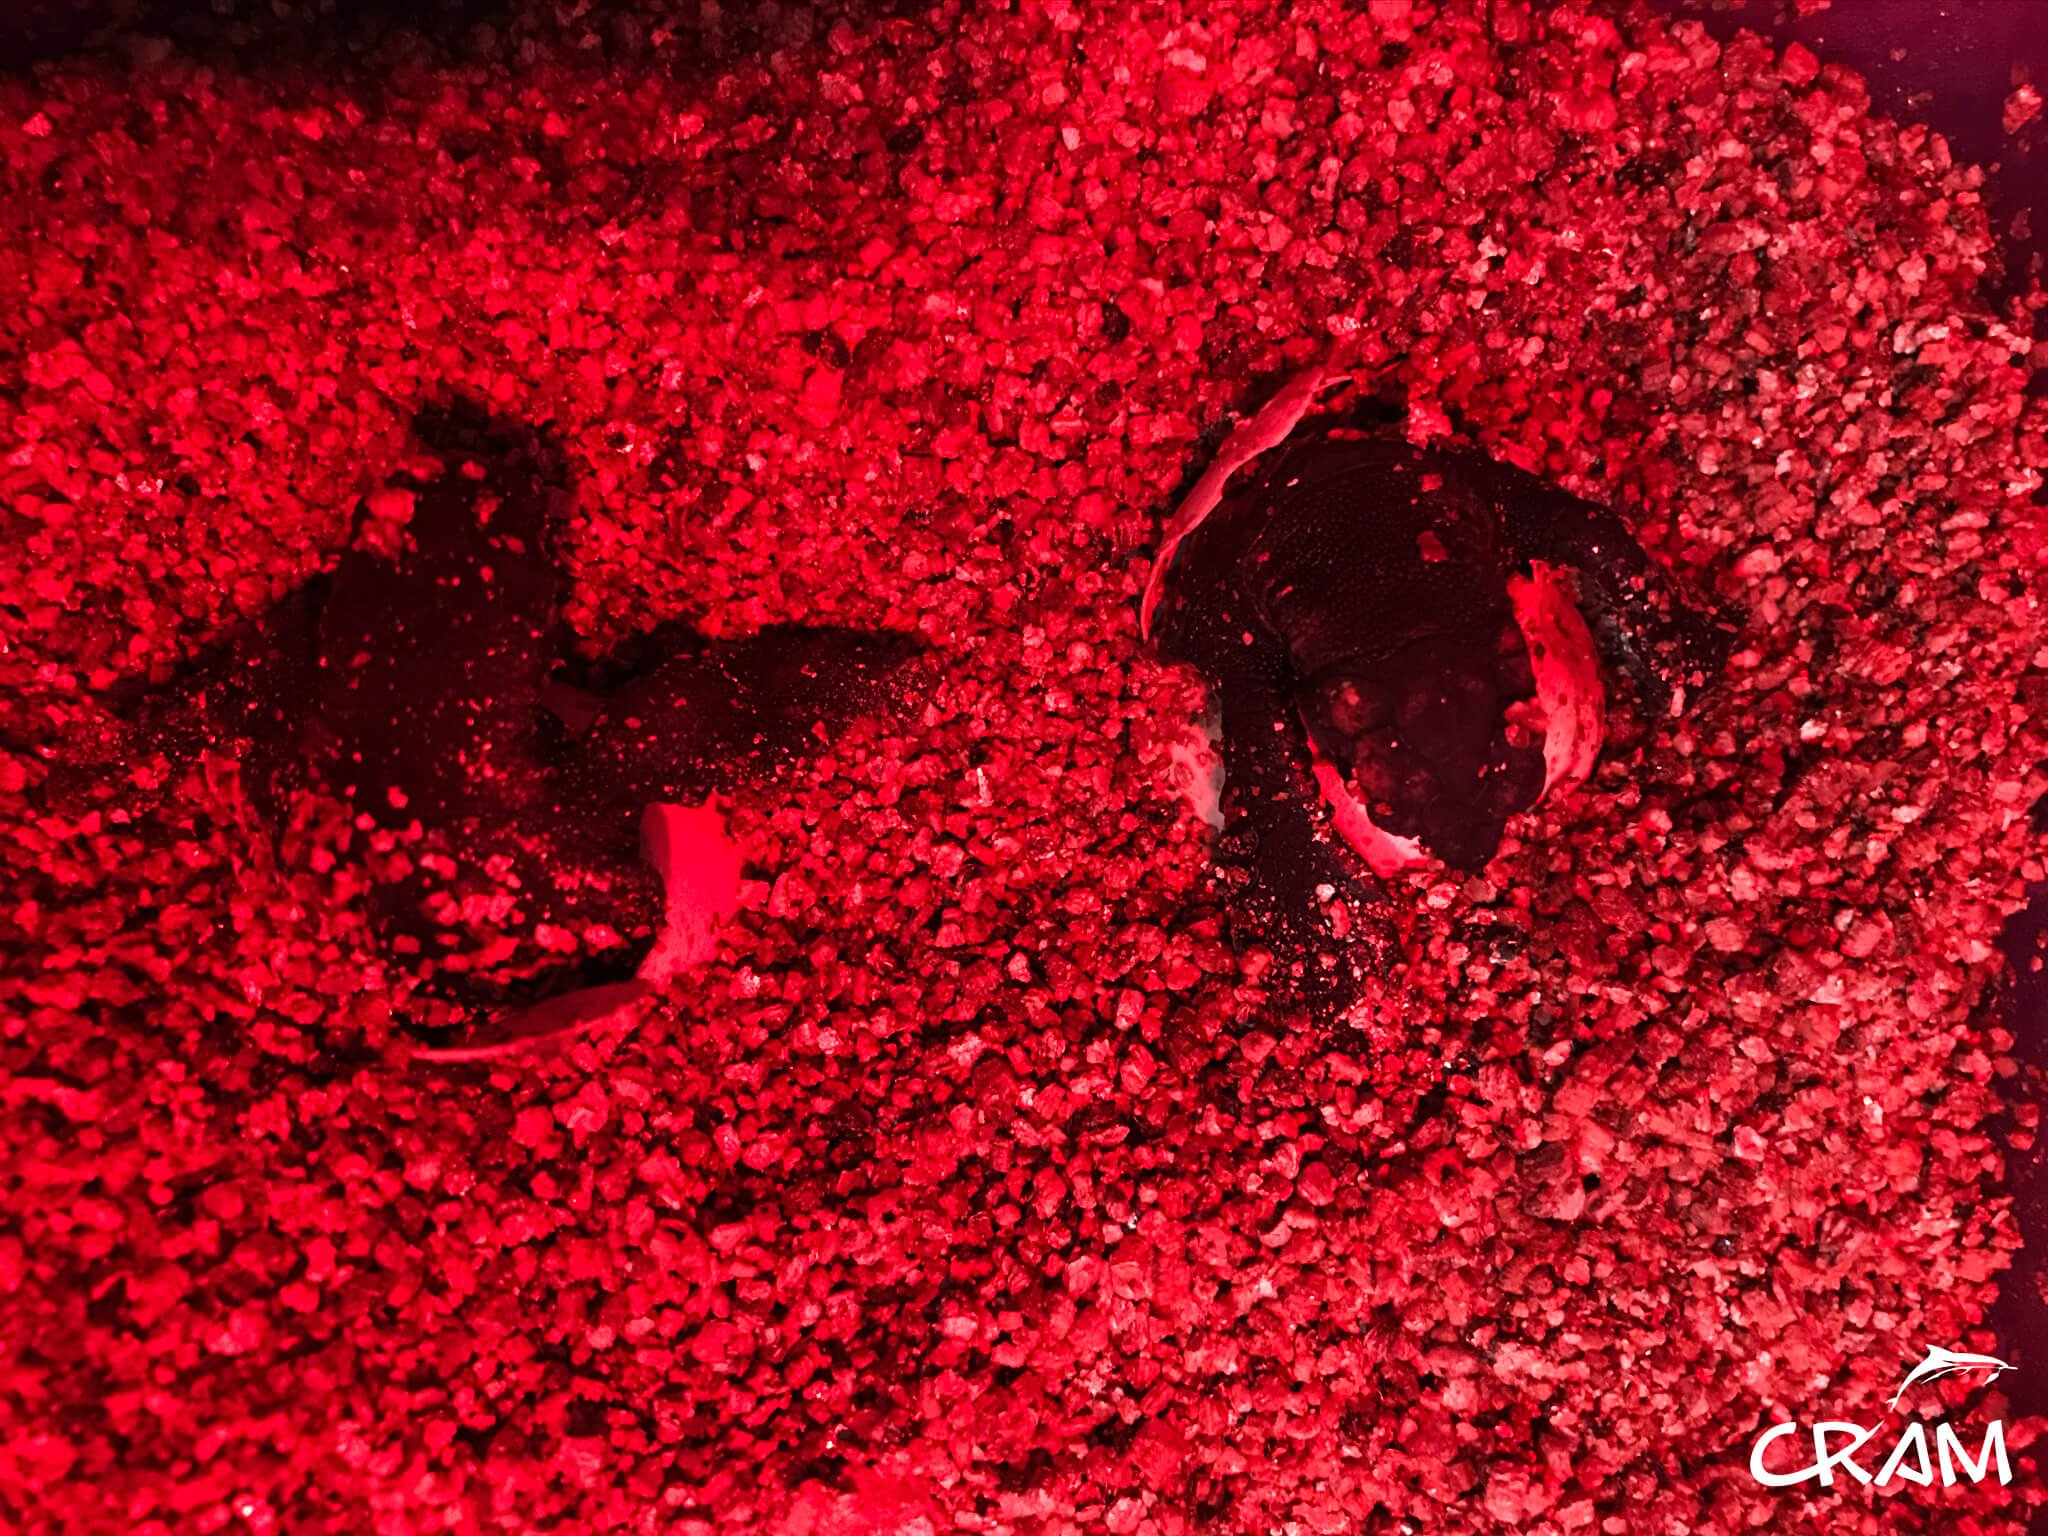 Nacimiento de las tortugas de Barcelona, a finales de agosto. Imágenes cedidas por CRAM